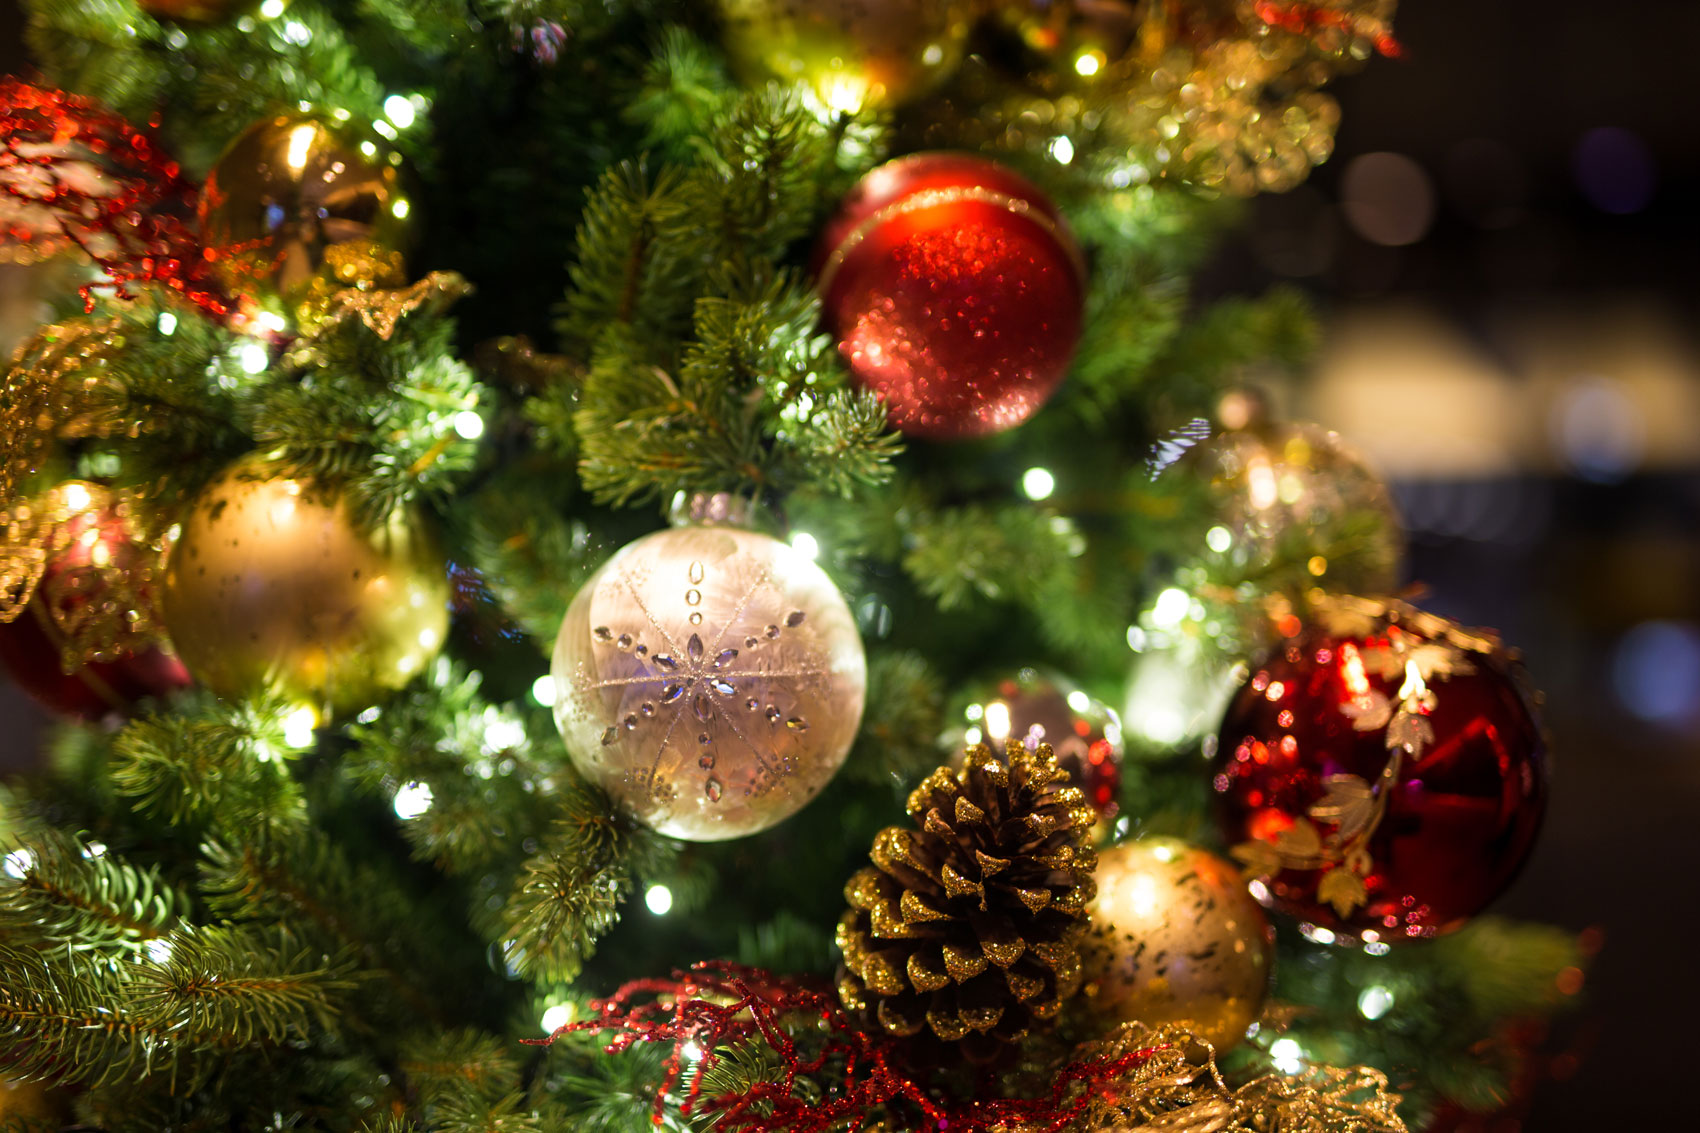 Albero Natale Decorato Rosso 4 segreti per un albero di natale davvero magico